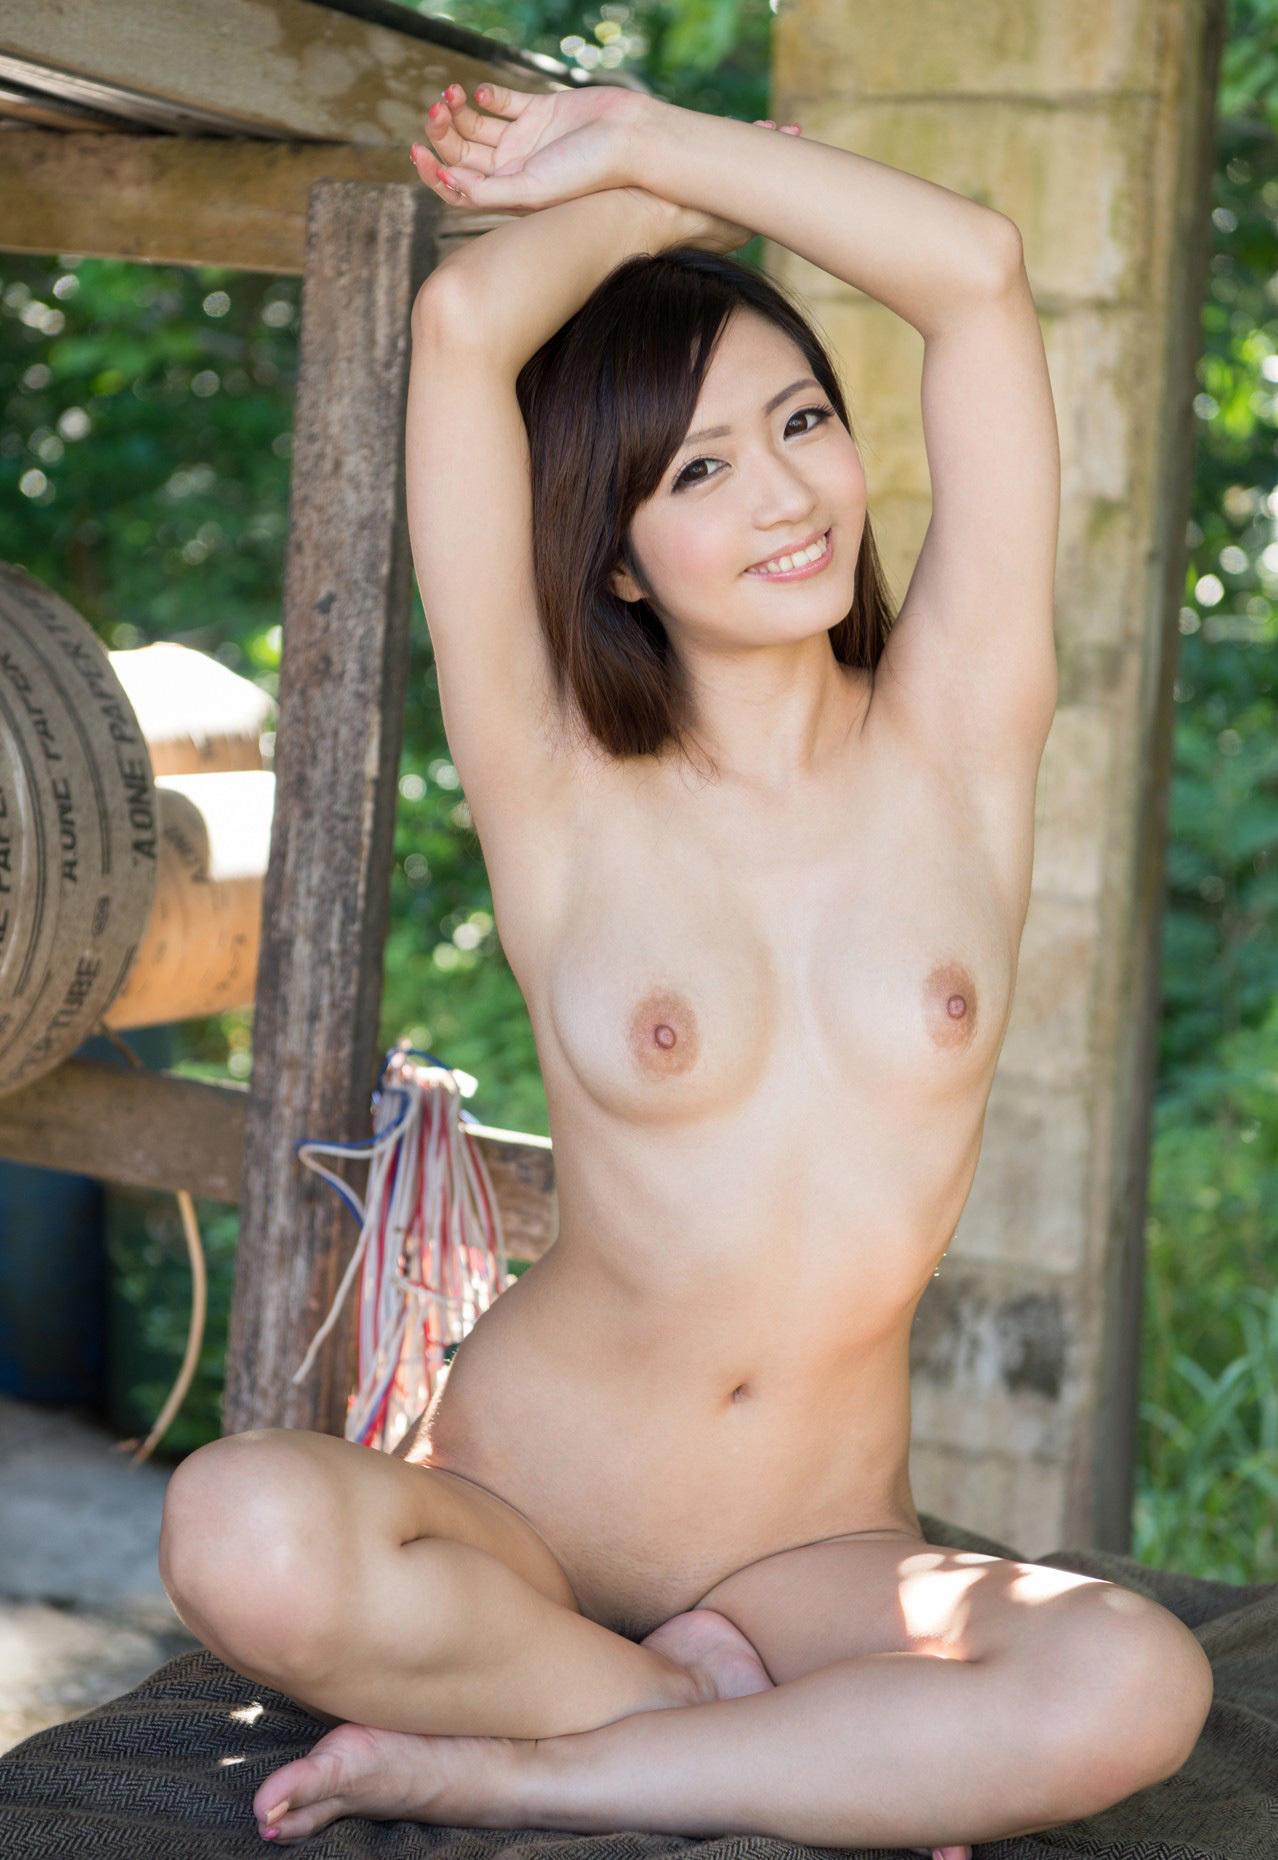 青山はな 地方局の元お天気オネエさんの清楚なお乳に見とれちゃう☆